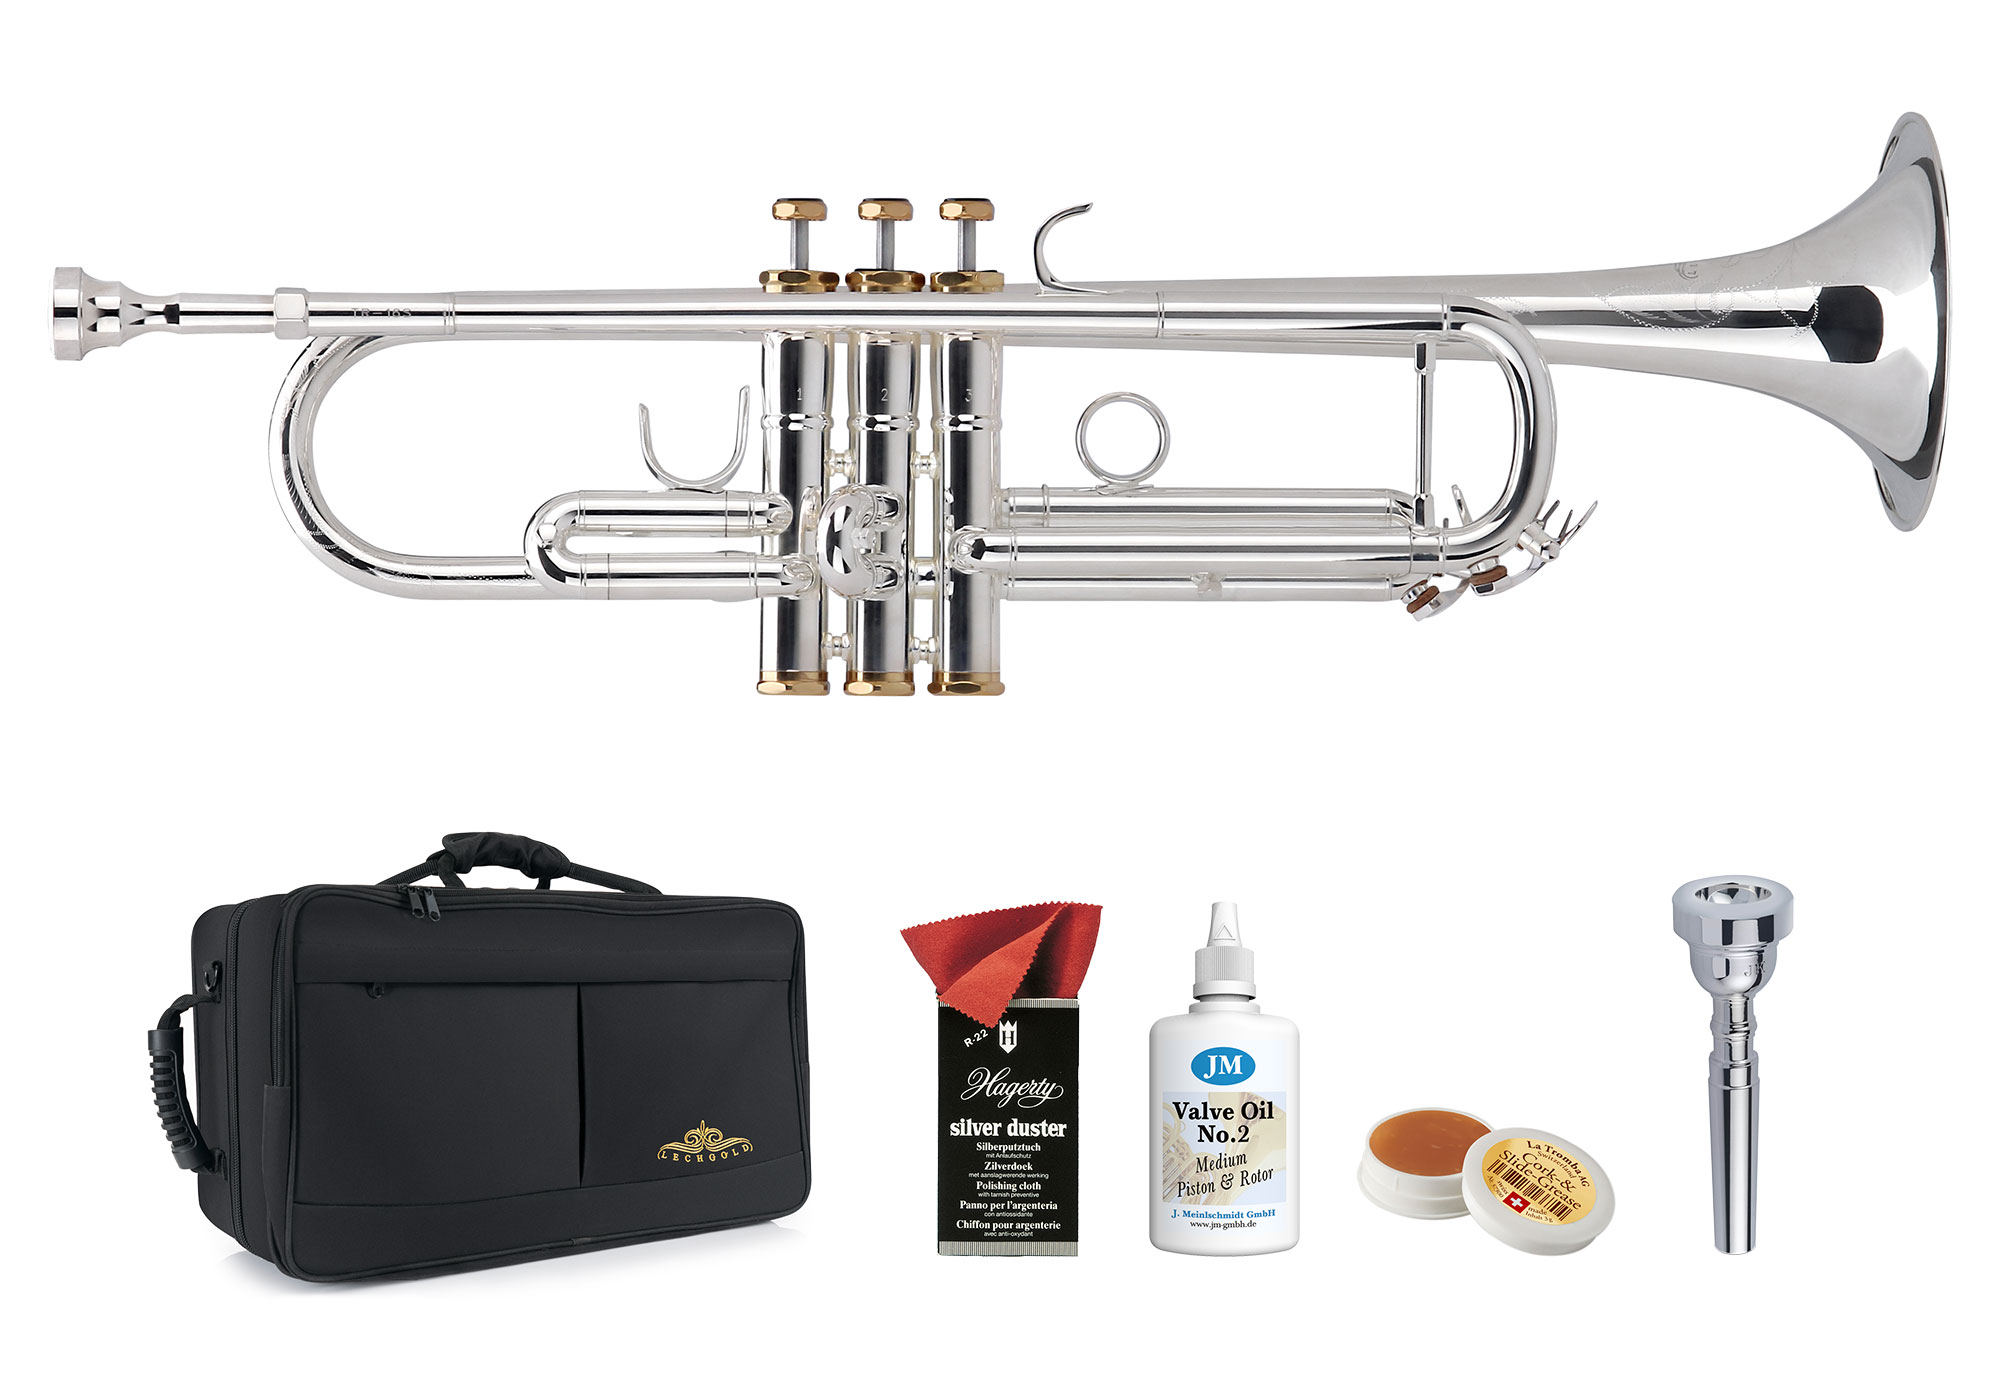 Trompeten - Lechgold TR 16S Bb Trompete versilbert Deluxe Set - Onlineshop Musikhaus Kirstein